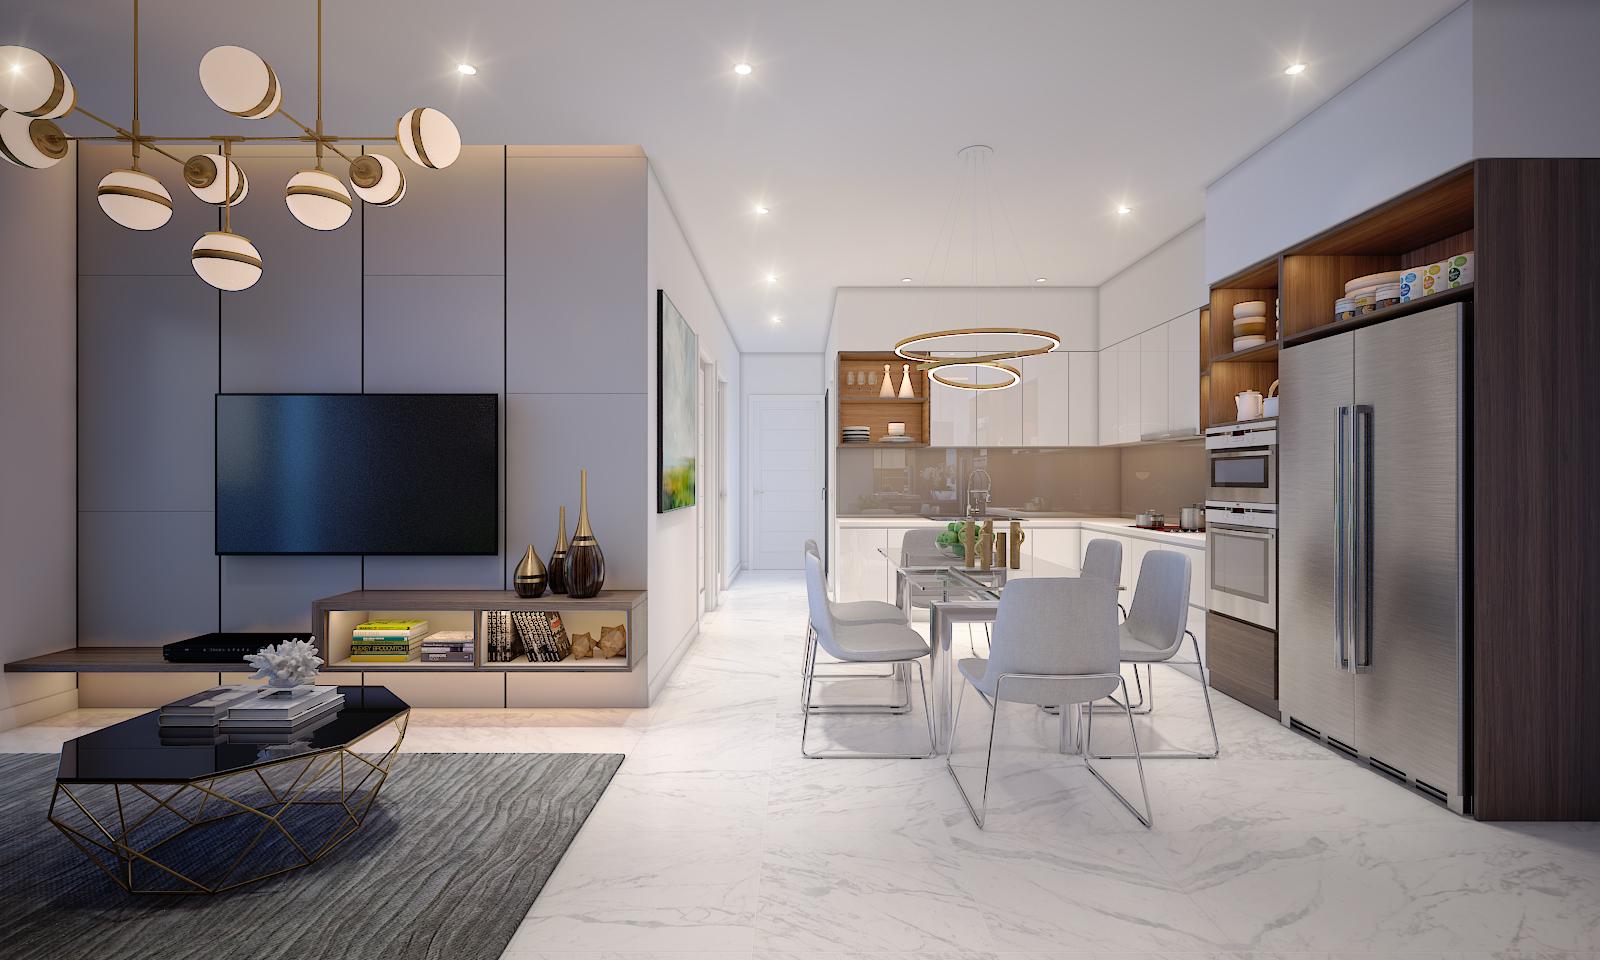 Sống trong chung cư vẫn đảm bảo tiện nghi, thoải mái